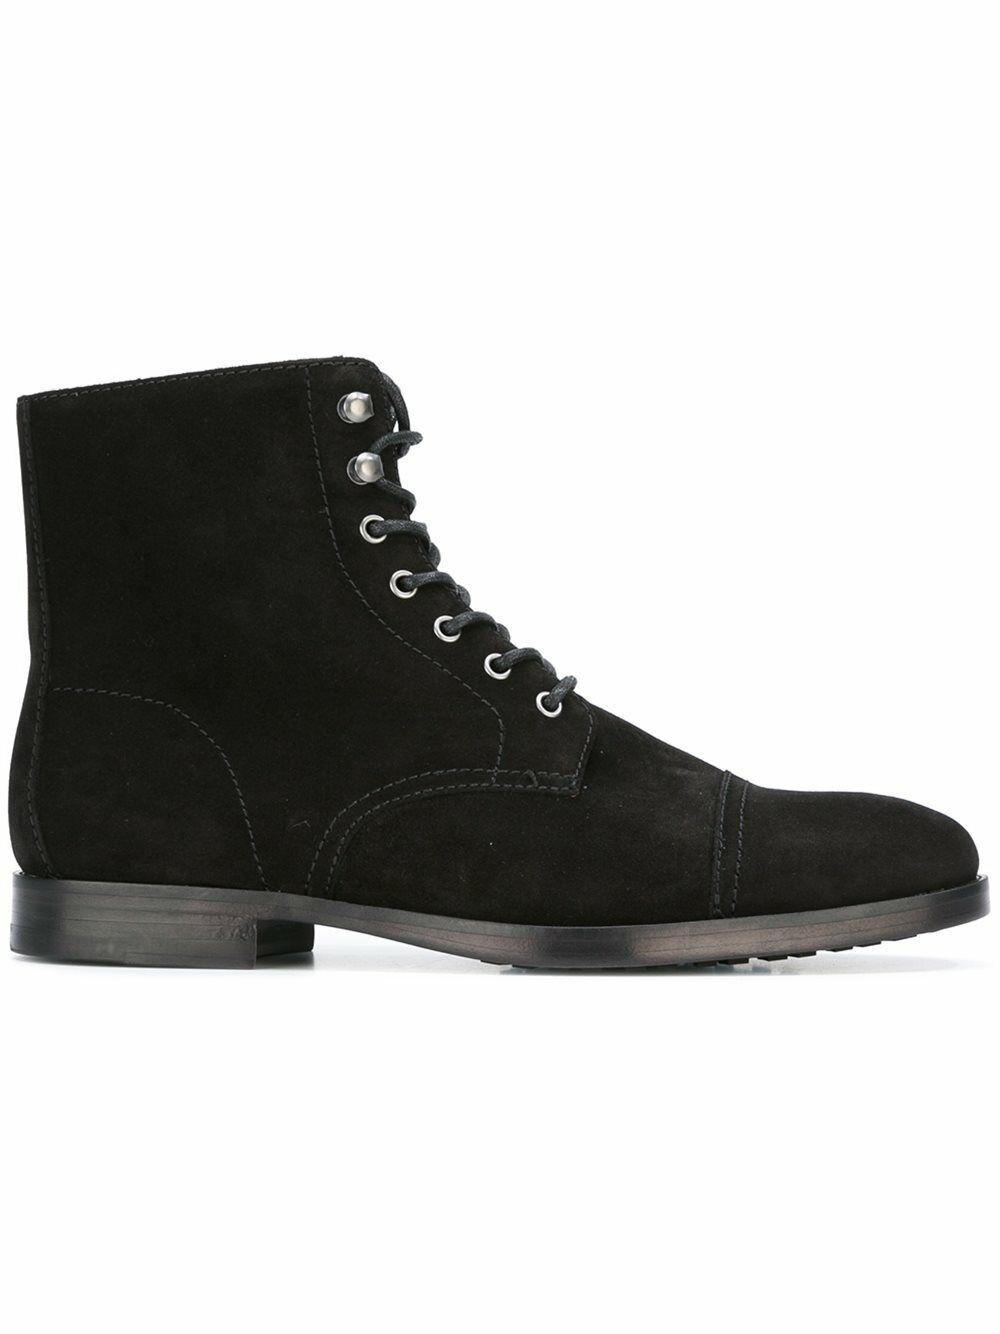 botas para hombre hecho a mano Negro Gamuza Tobillo Con Cordones Nuevos Zapatos Casuales De Vestir Ropa Formal